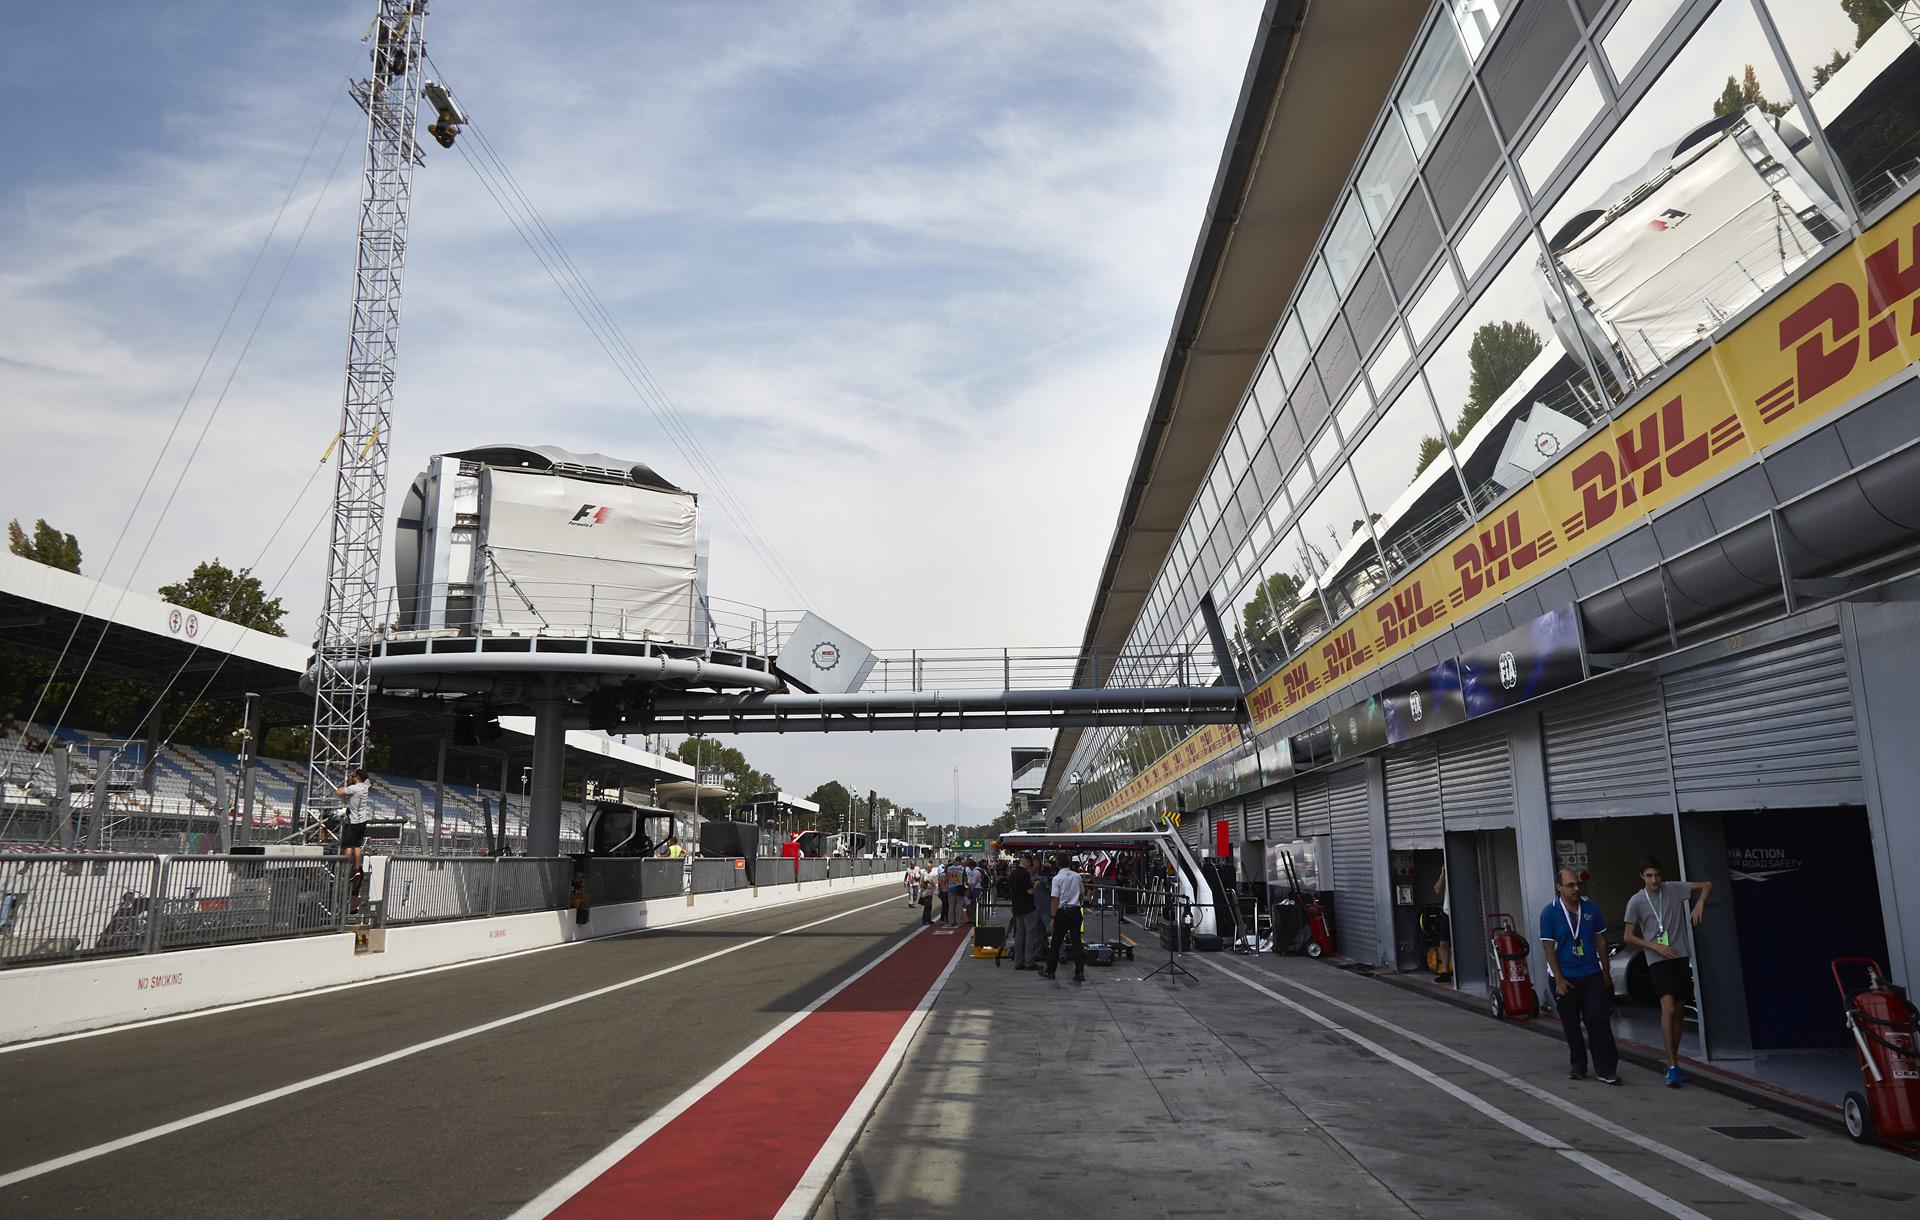 2018 Formula 1 Italian Grand Prix preview